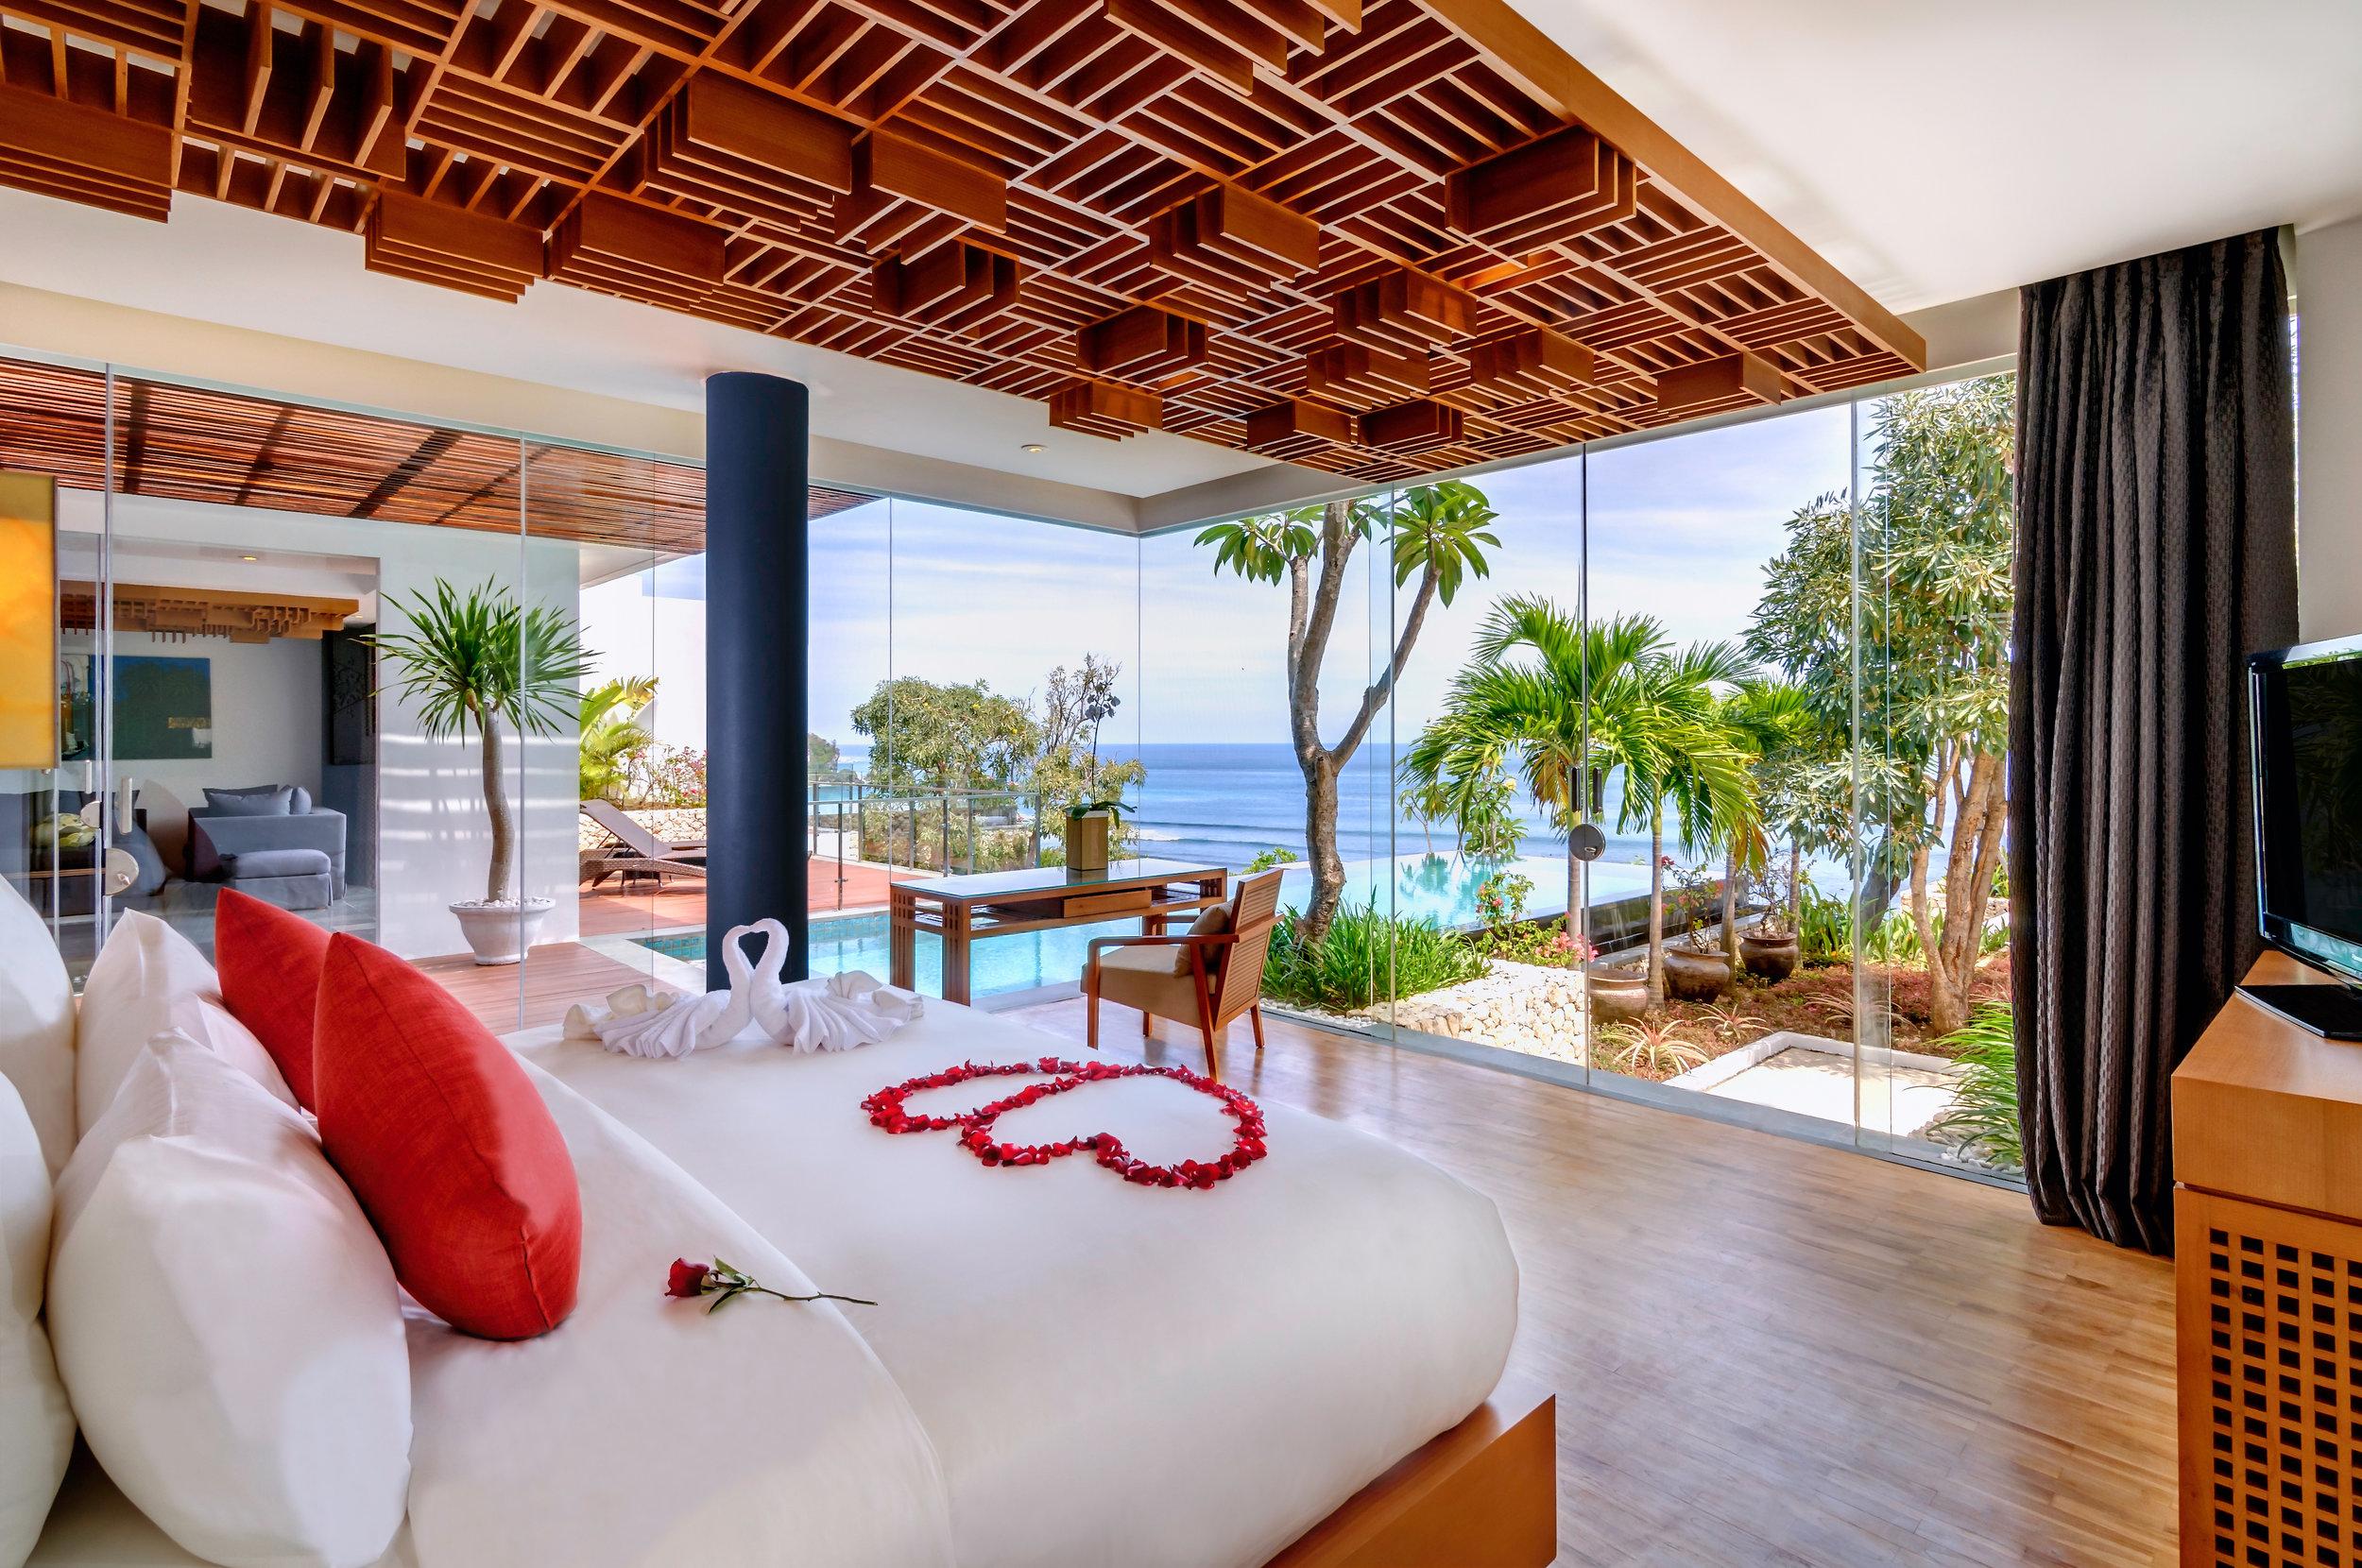 TwoBedroom OceanFrontPoolVilla_03.jpg